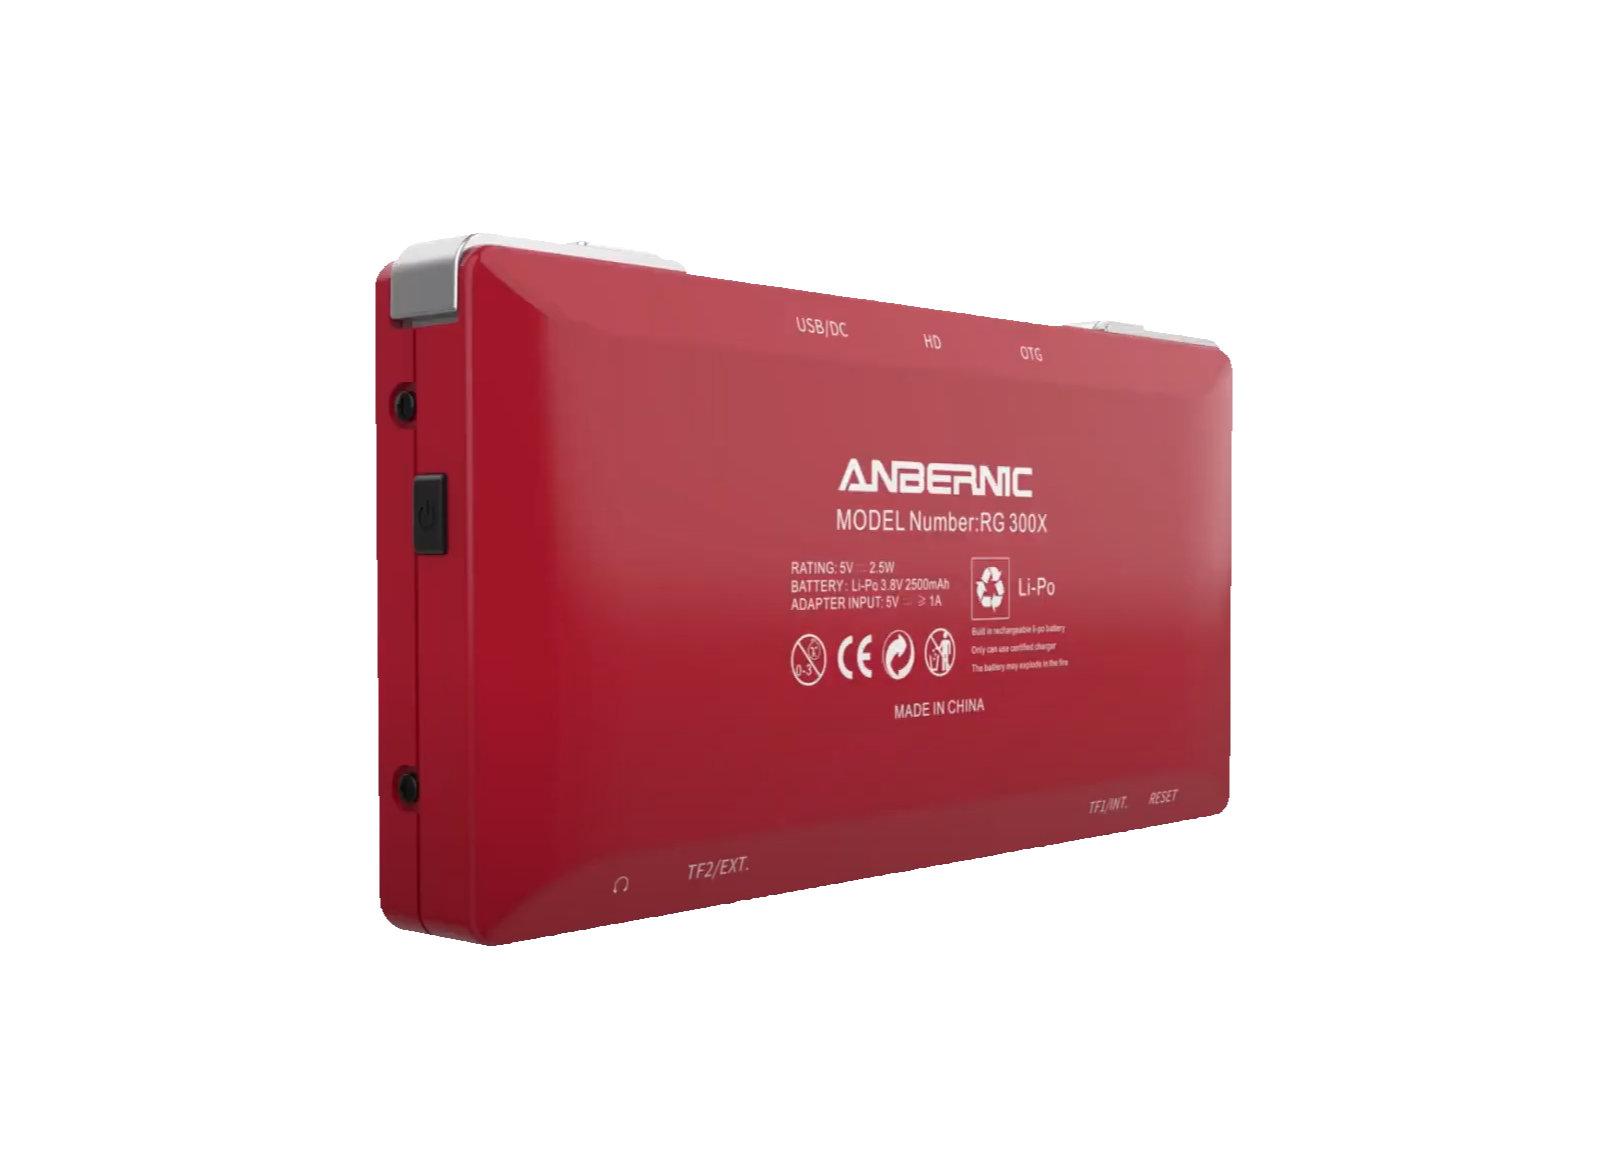 Back of Anbernic RG300X